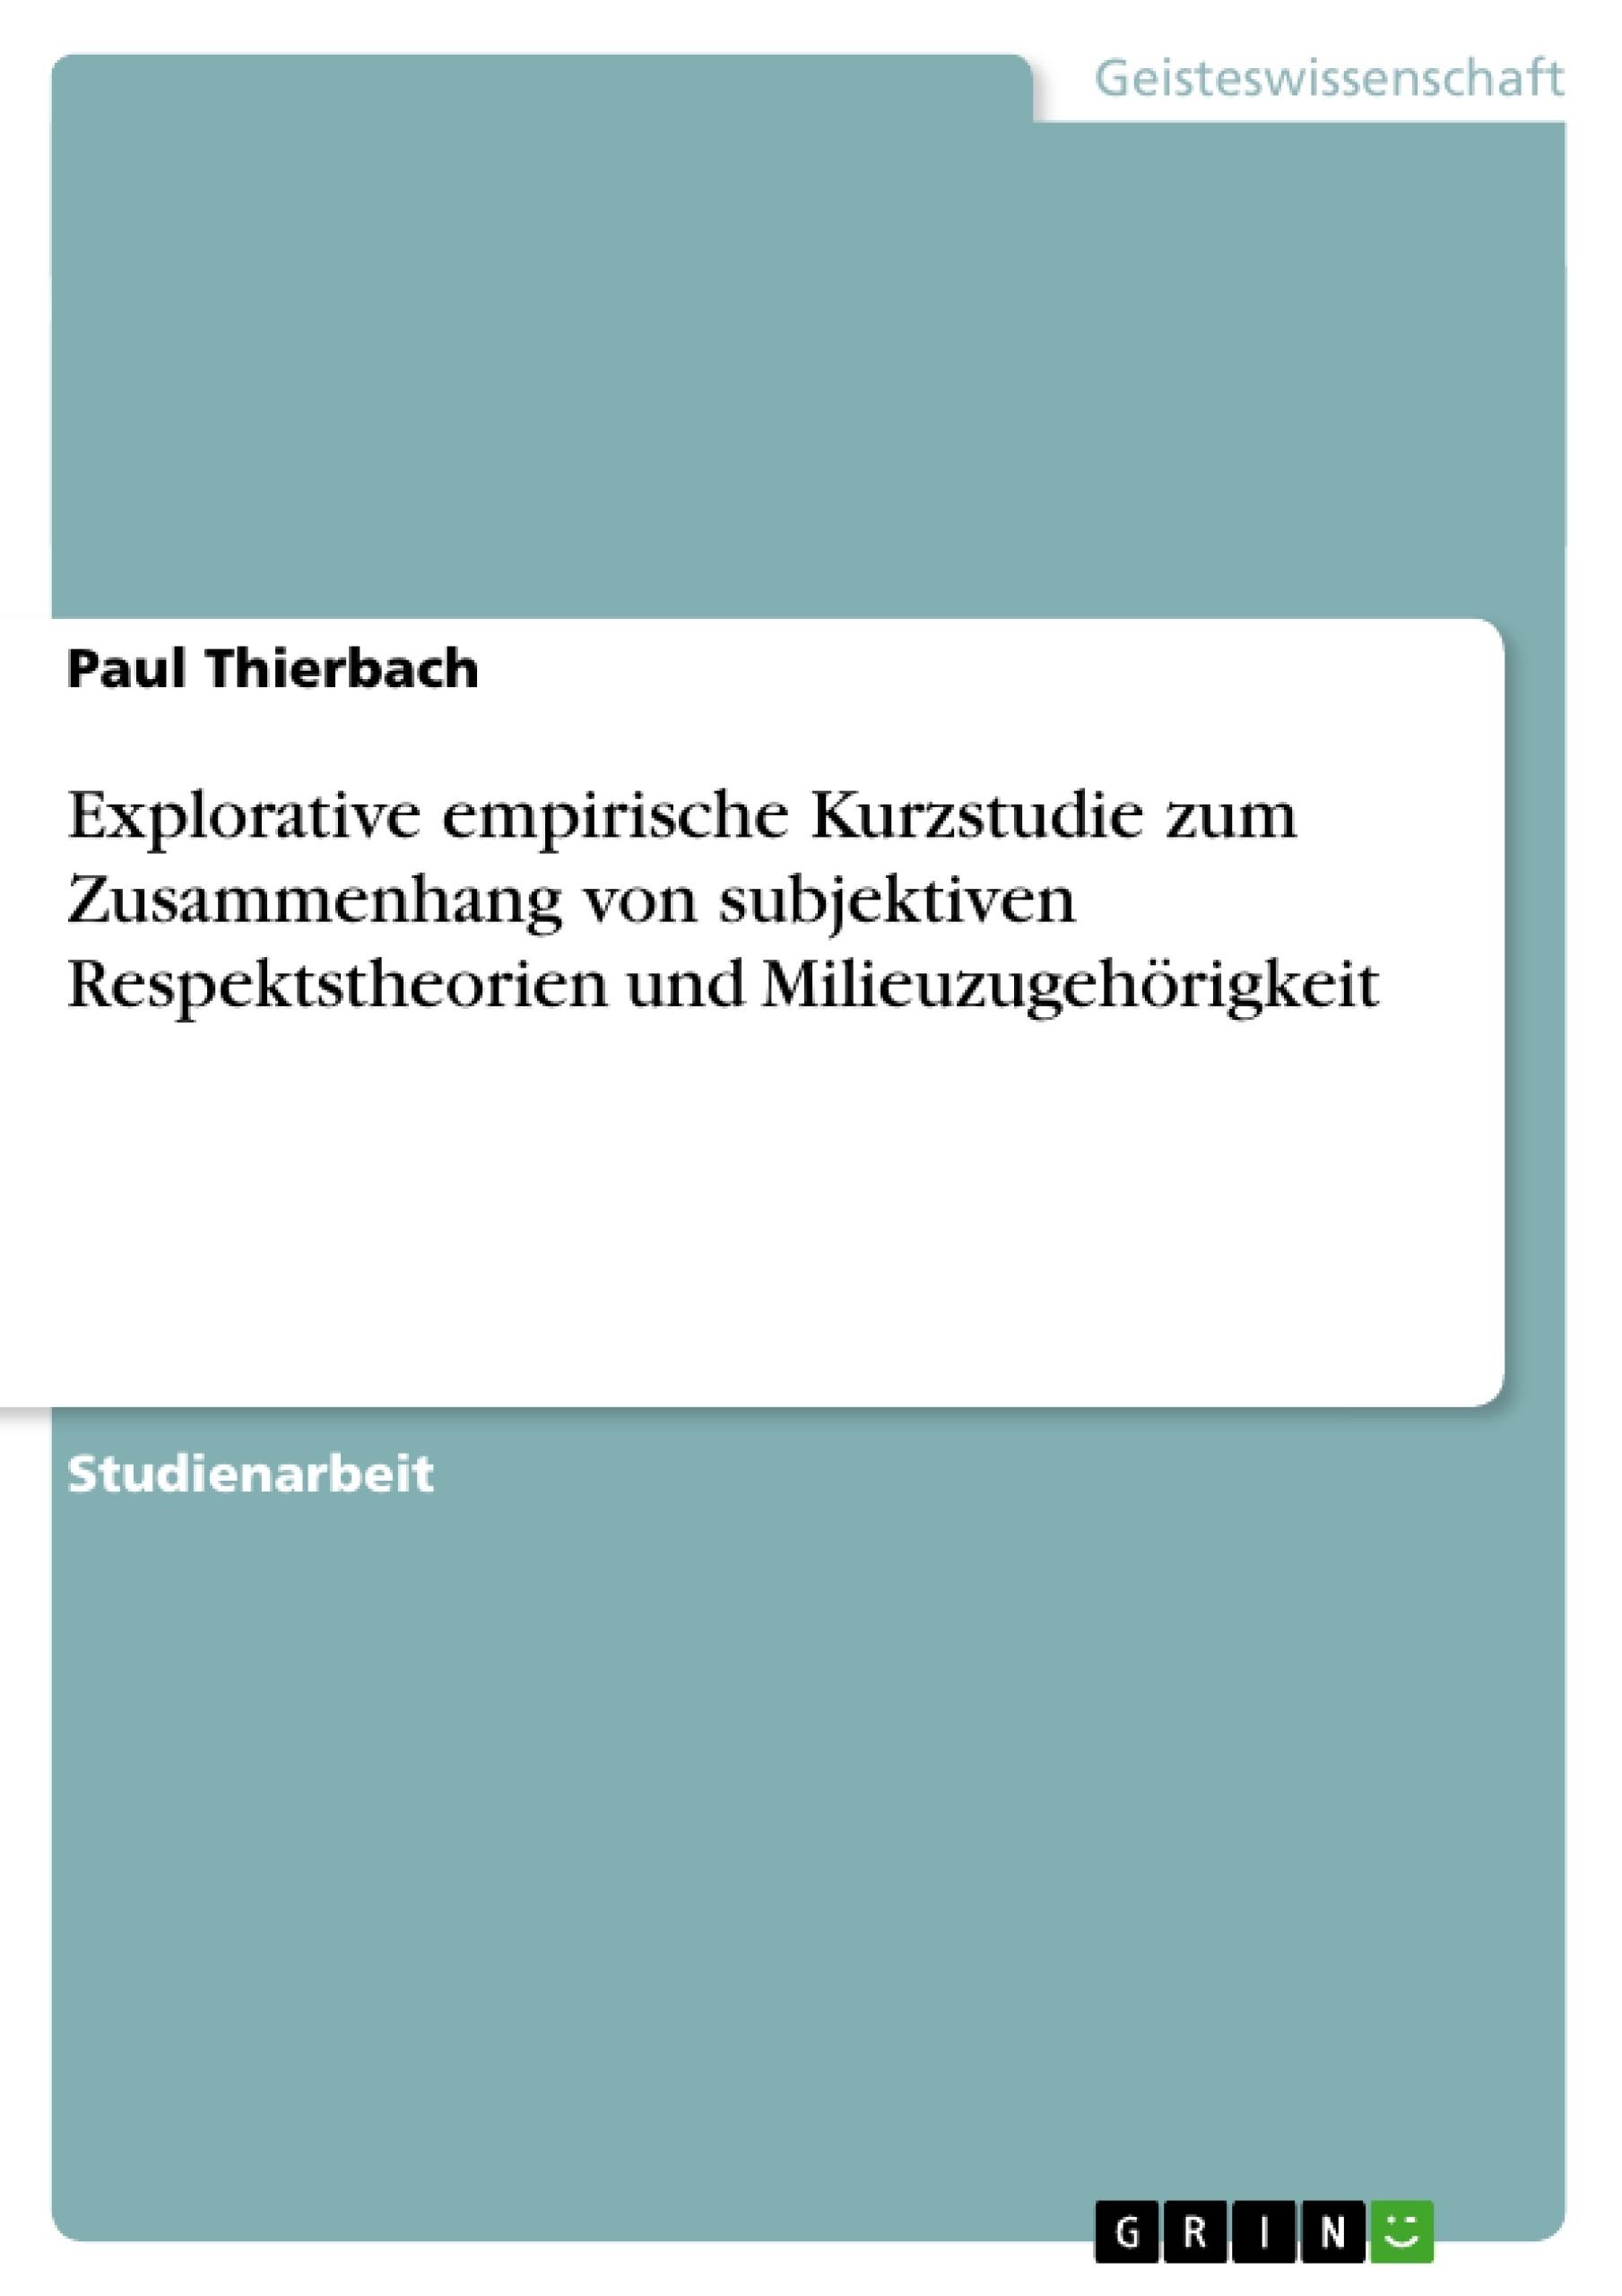 Titel: Explorative empirische Kurzstudie zum Zusammenhang von subjektiven Respektstheorien und Milieuzugehörigkeit